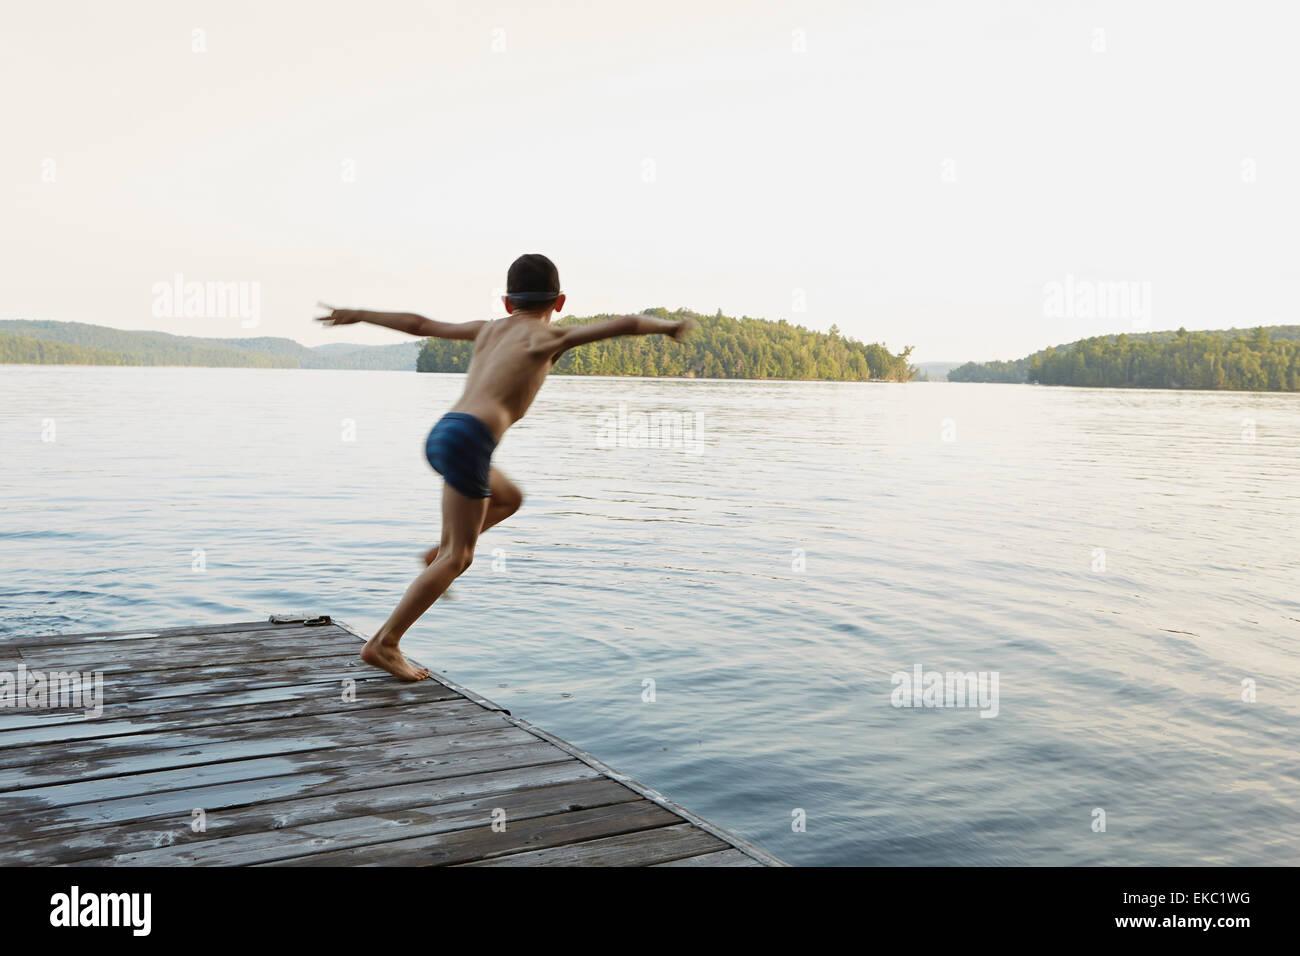 Chico saltar al lago desde el muelle de madera, Ontario, Canadá Imagen De Stock